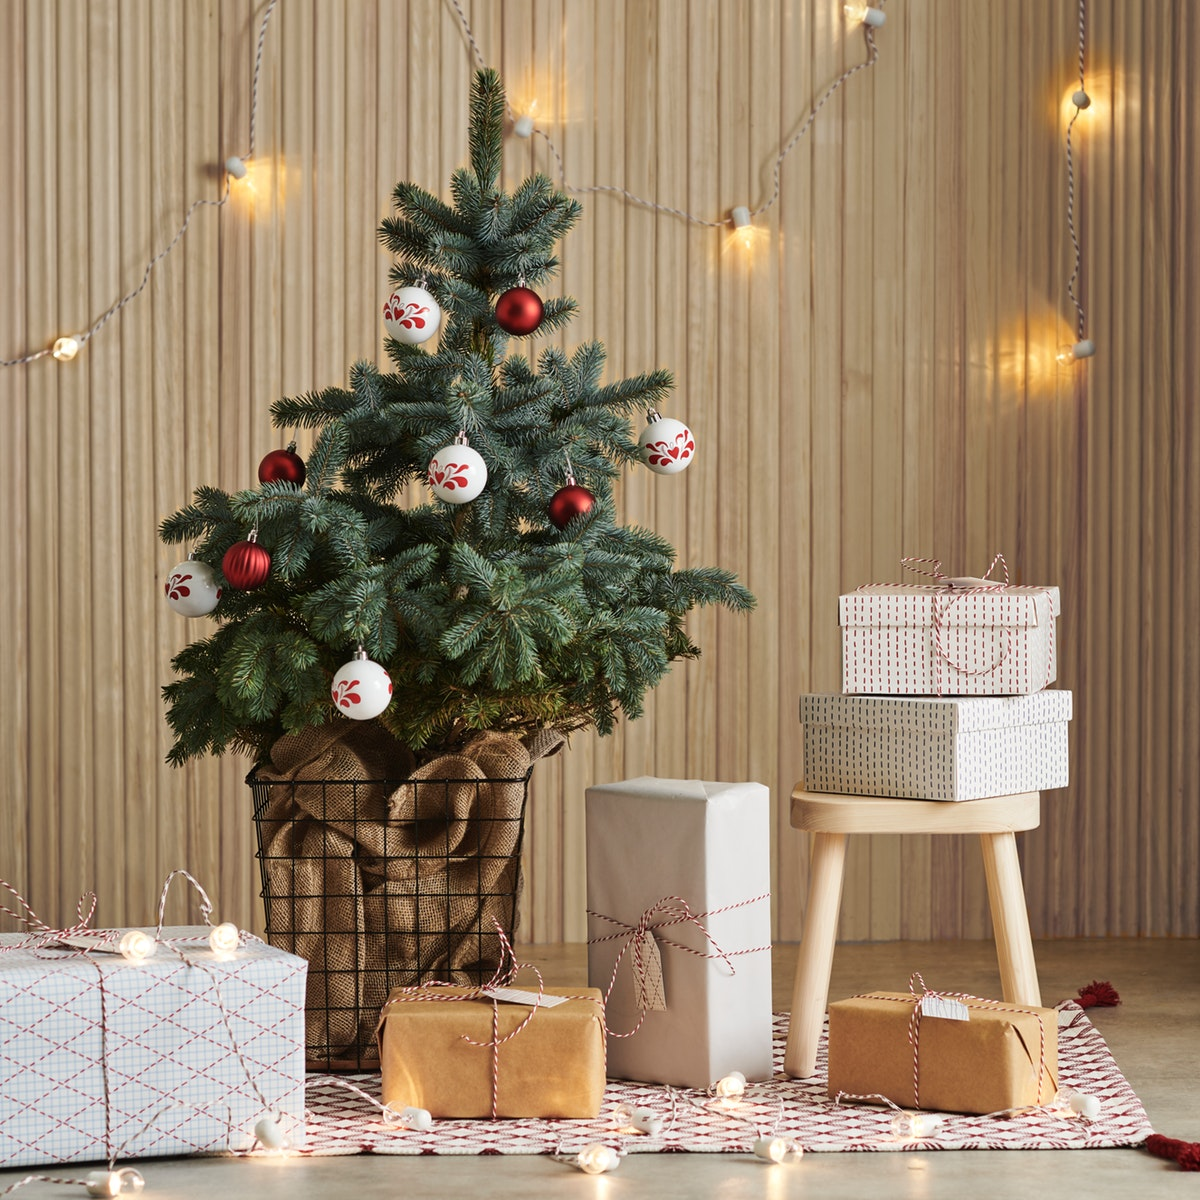 宜家家居聖誕樹及裝飾